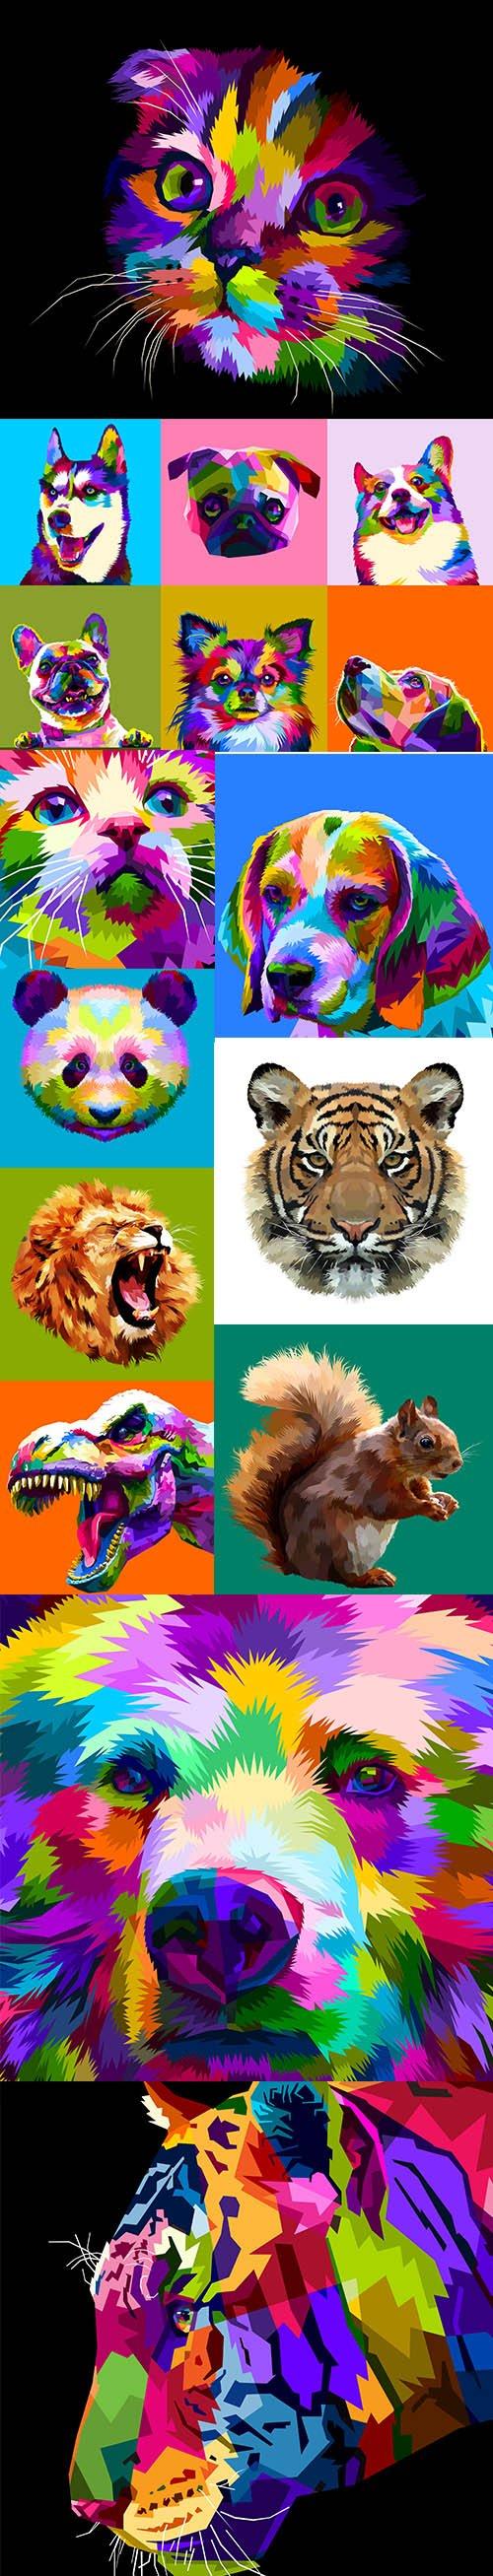 Pop Art Style Animals Illustration